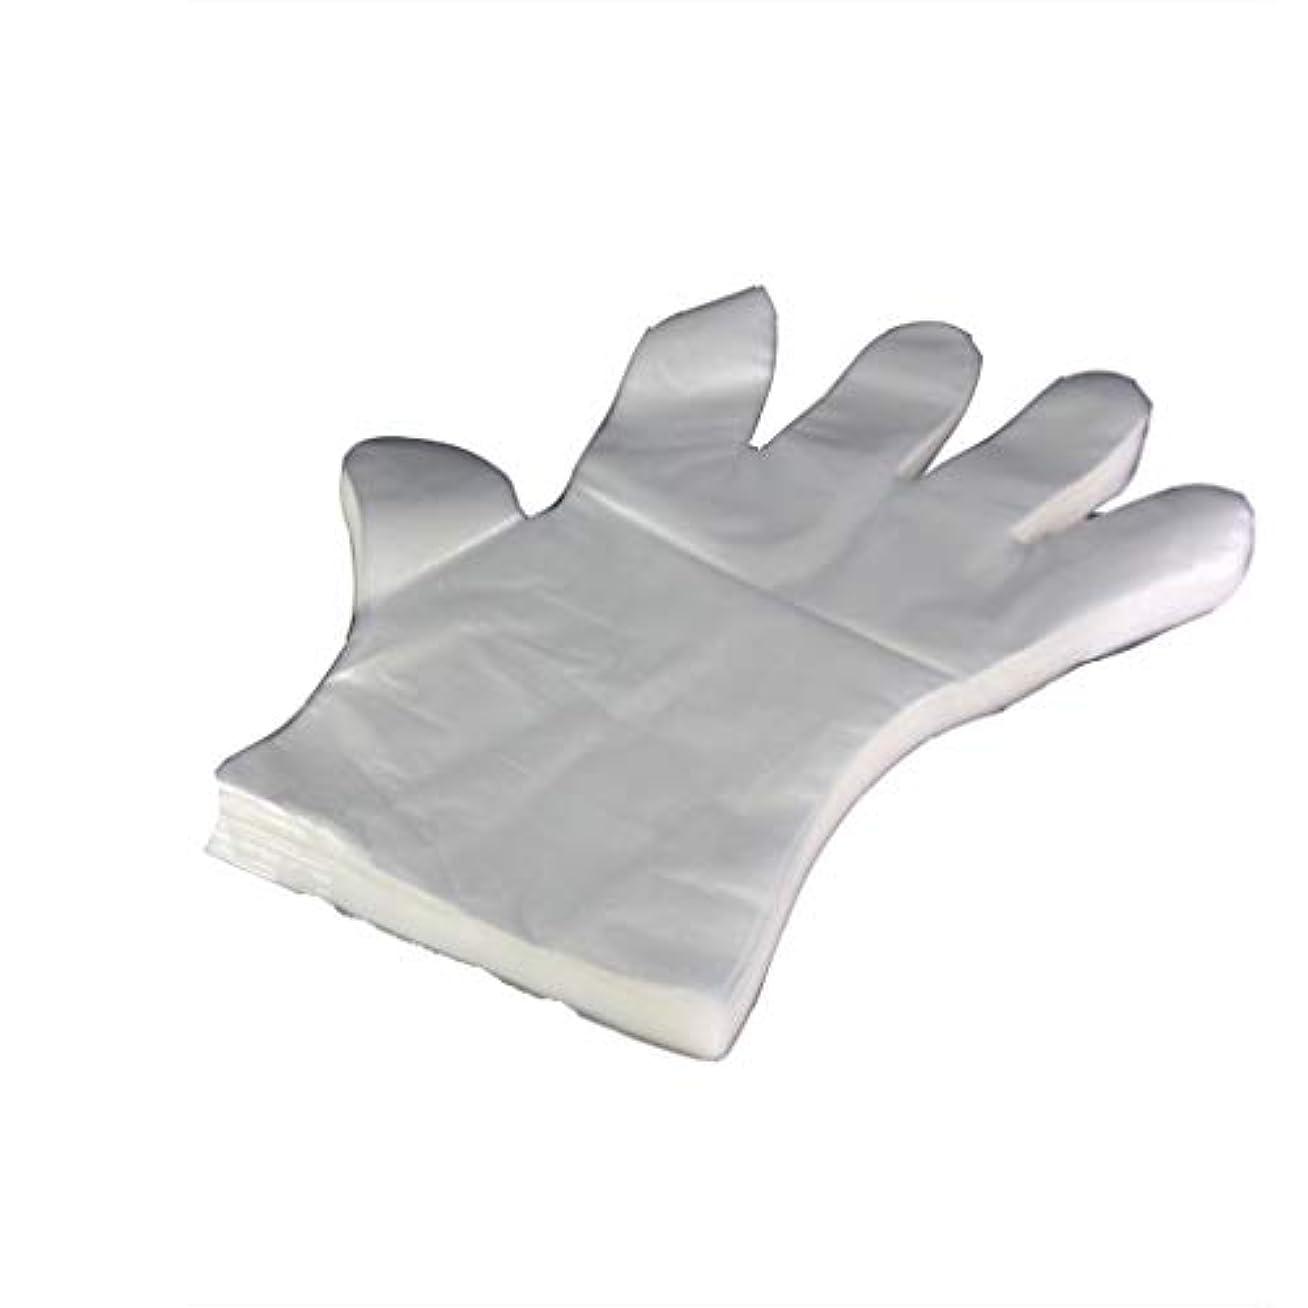 火炎不信不可能な使い捨て手袋PEフィルムプラスチック化粧グローブフィルム透明増粘200袋 (UnitCount : 200only)